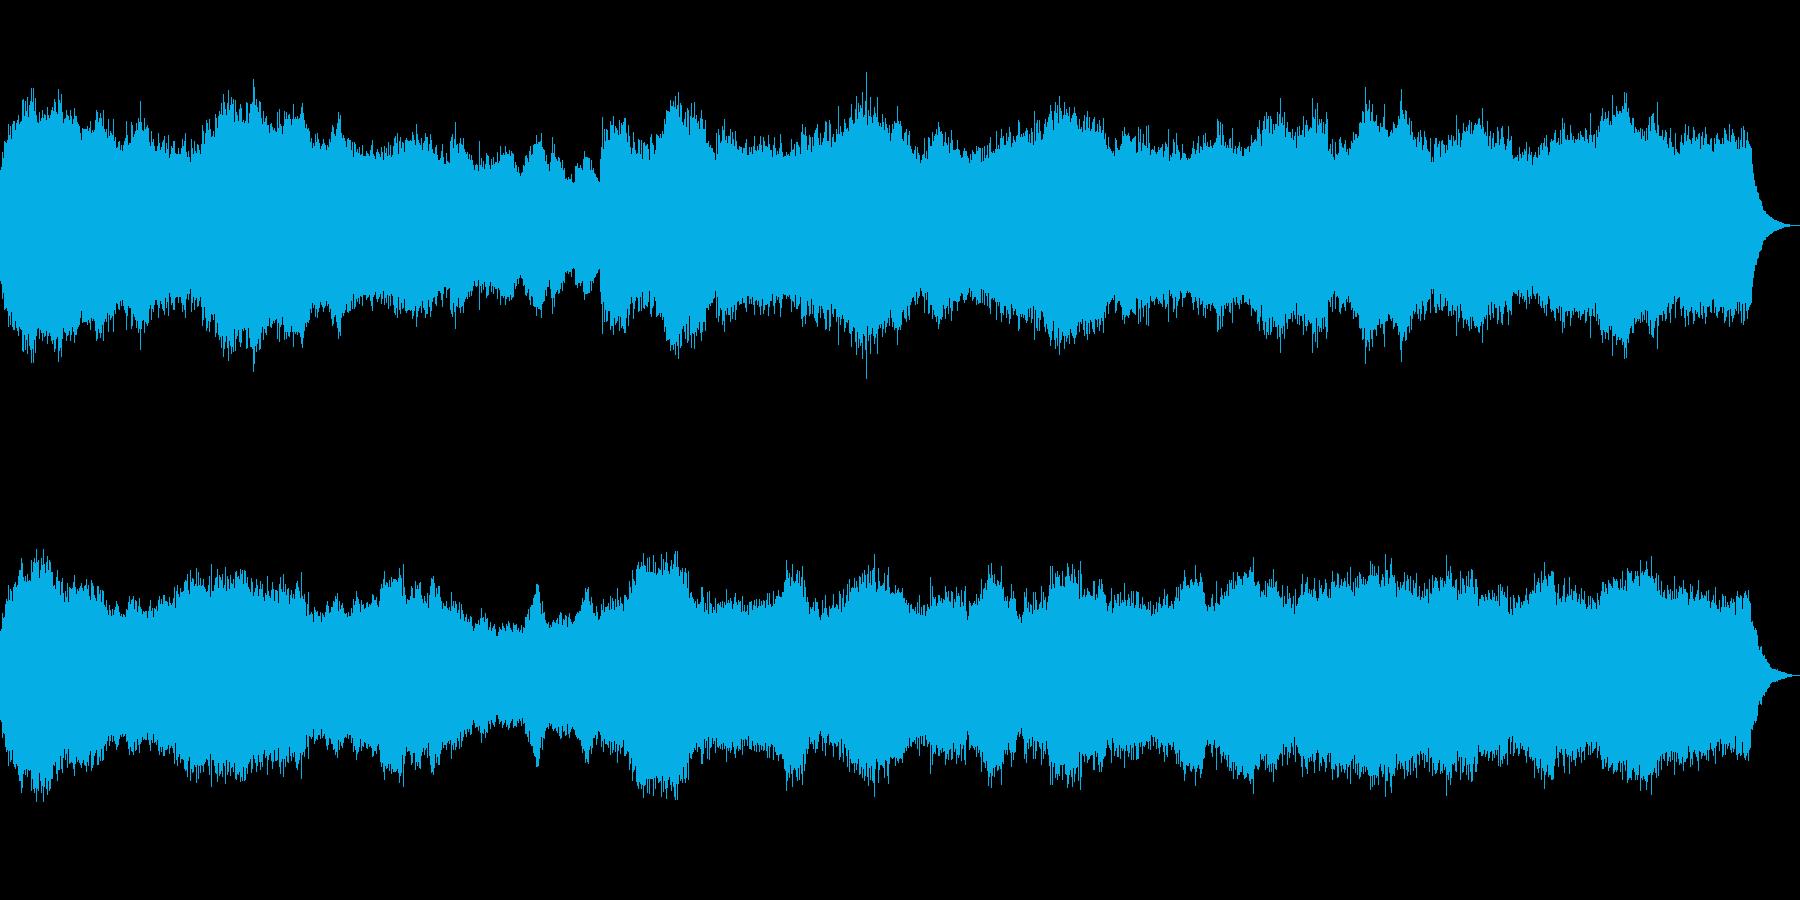 パイプオルガン教会音楽の再生済みの波形